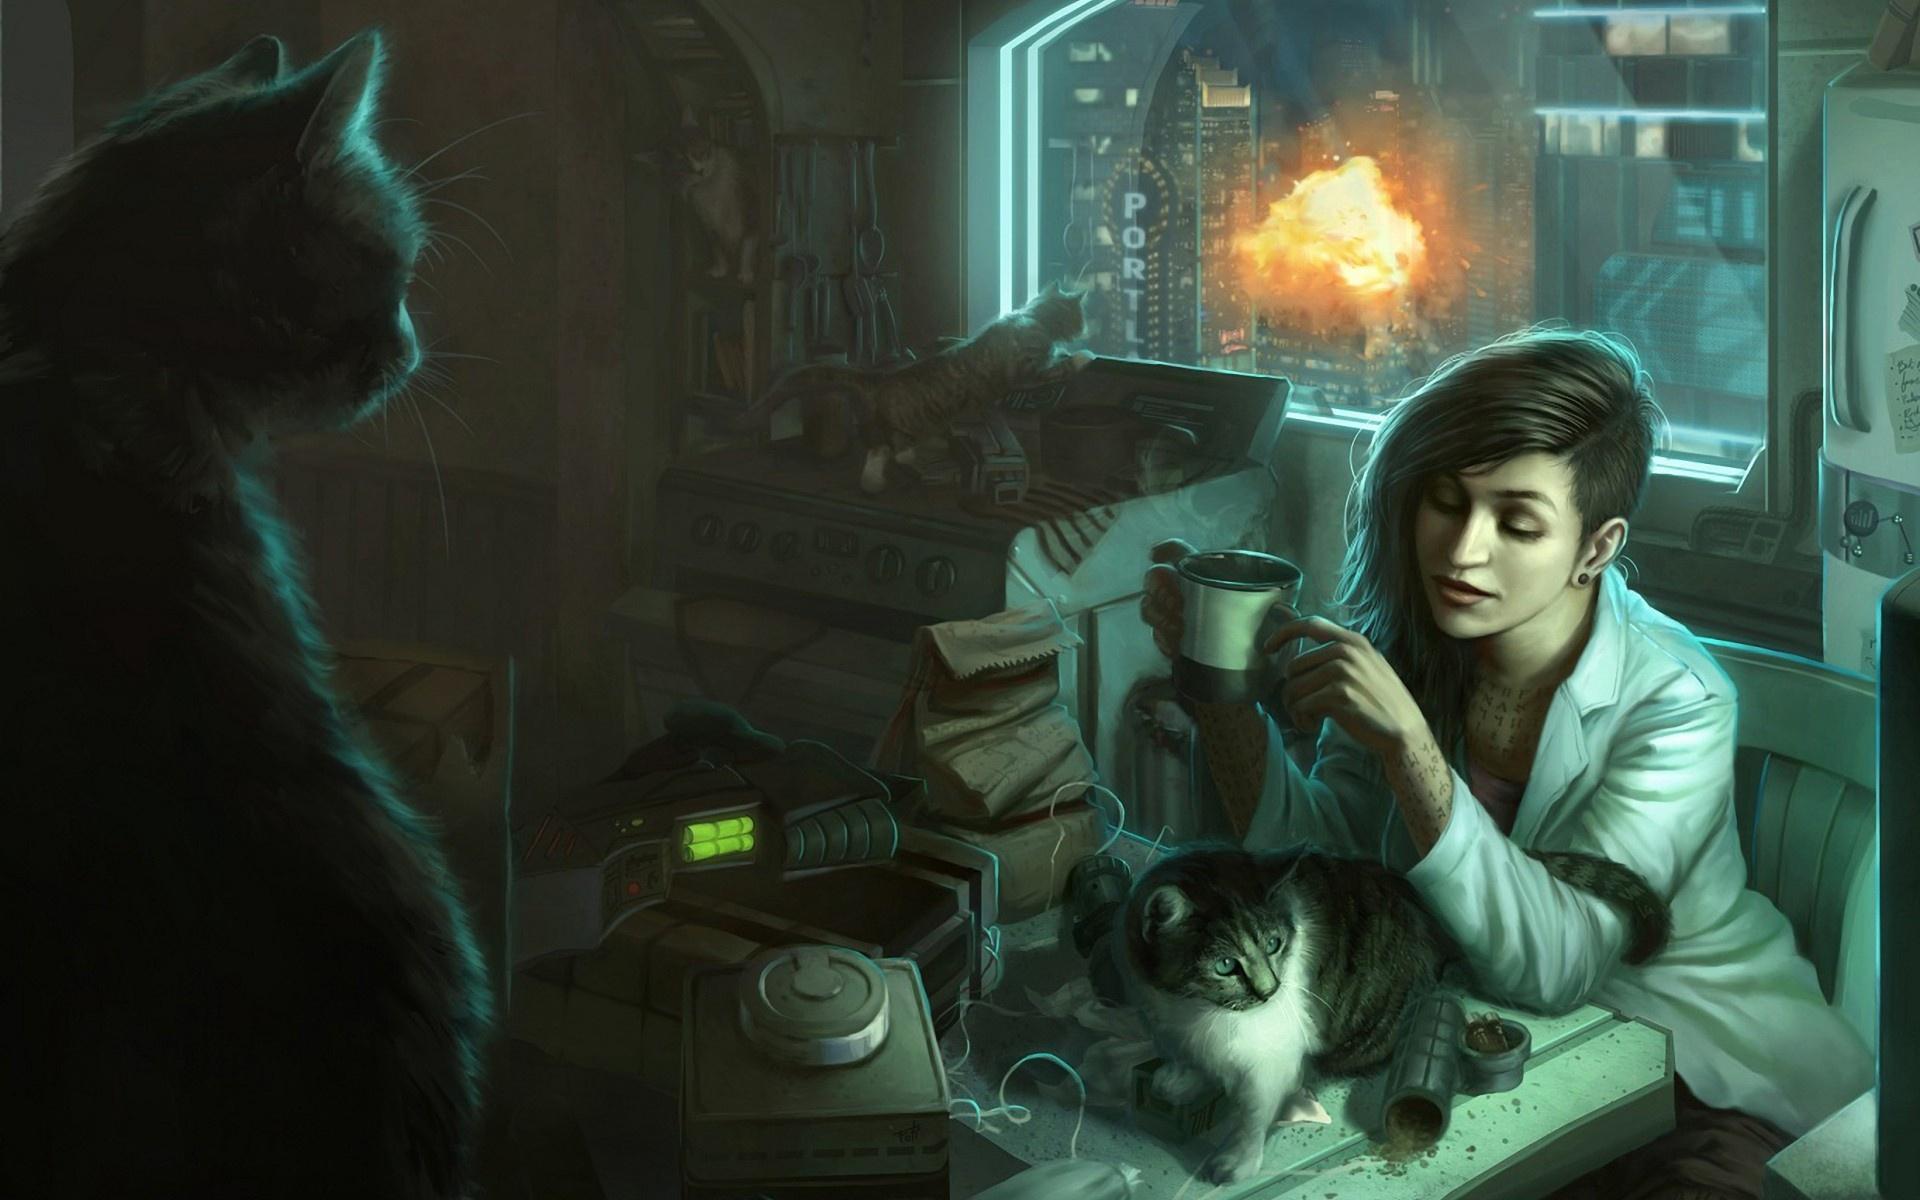 коты, кабинет, работа